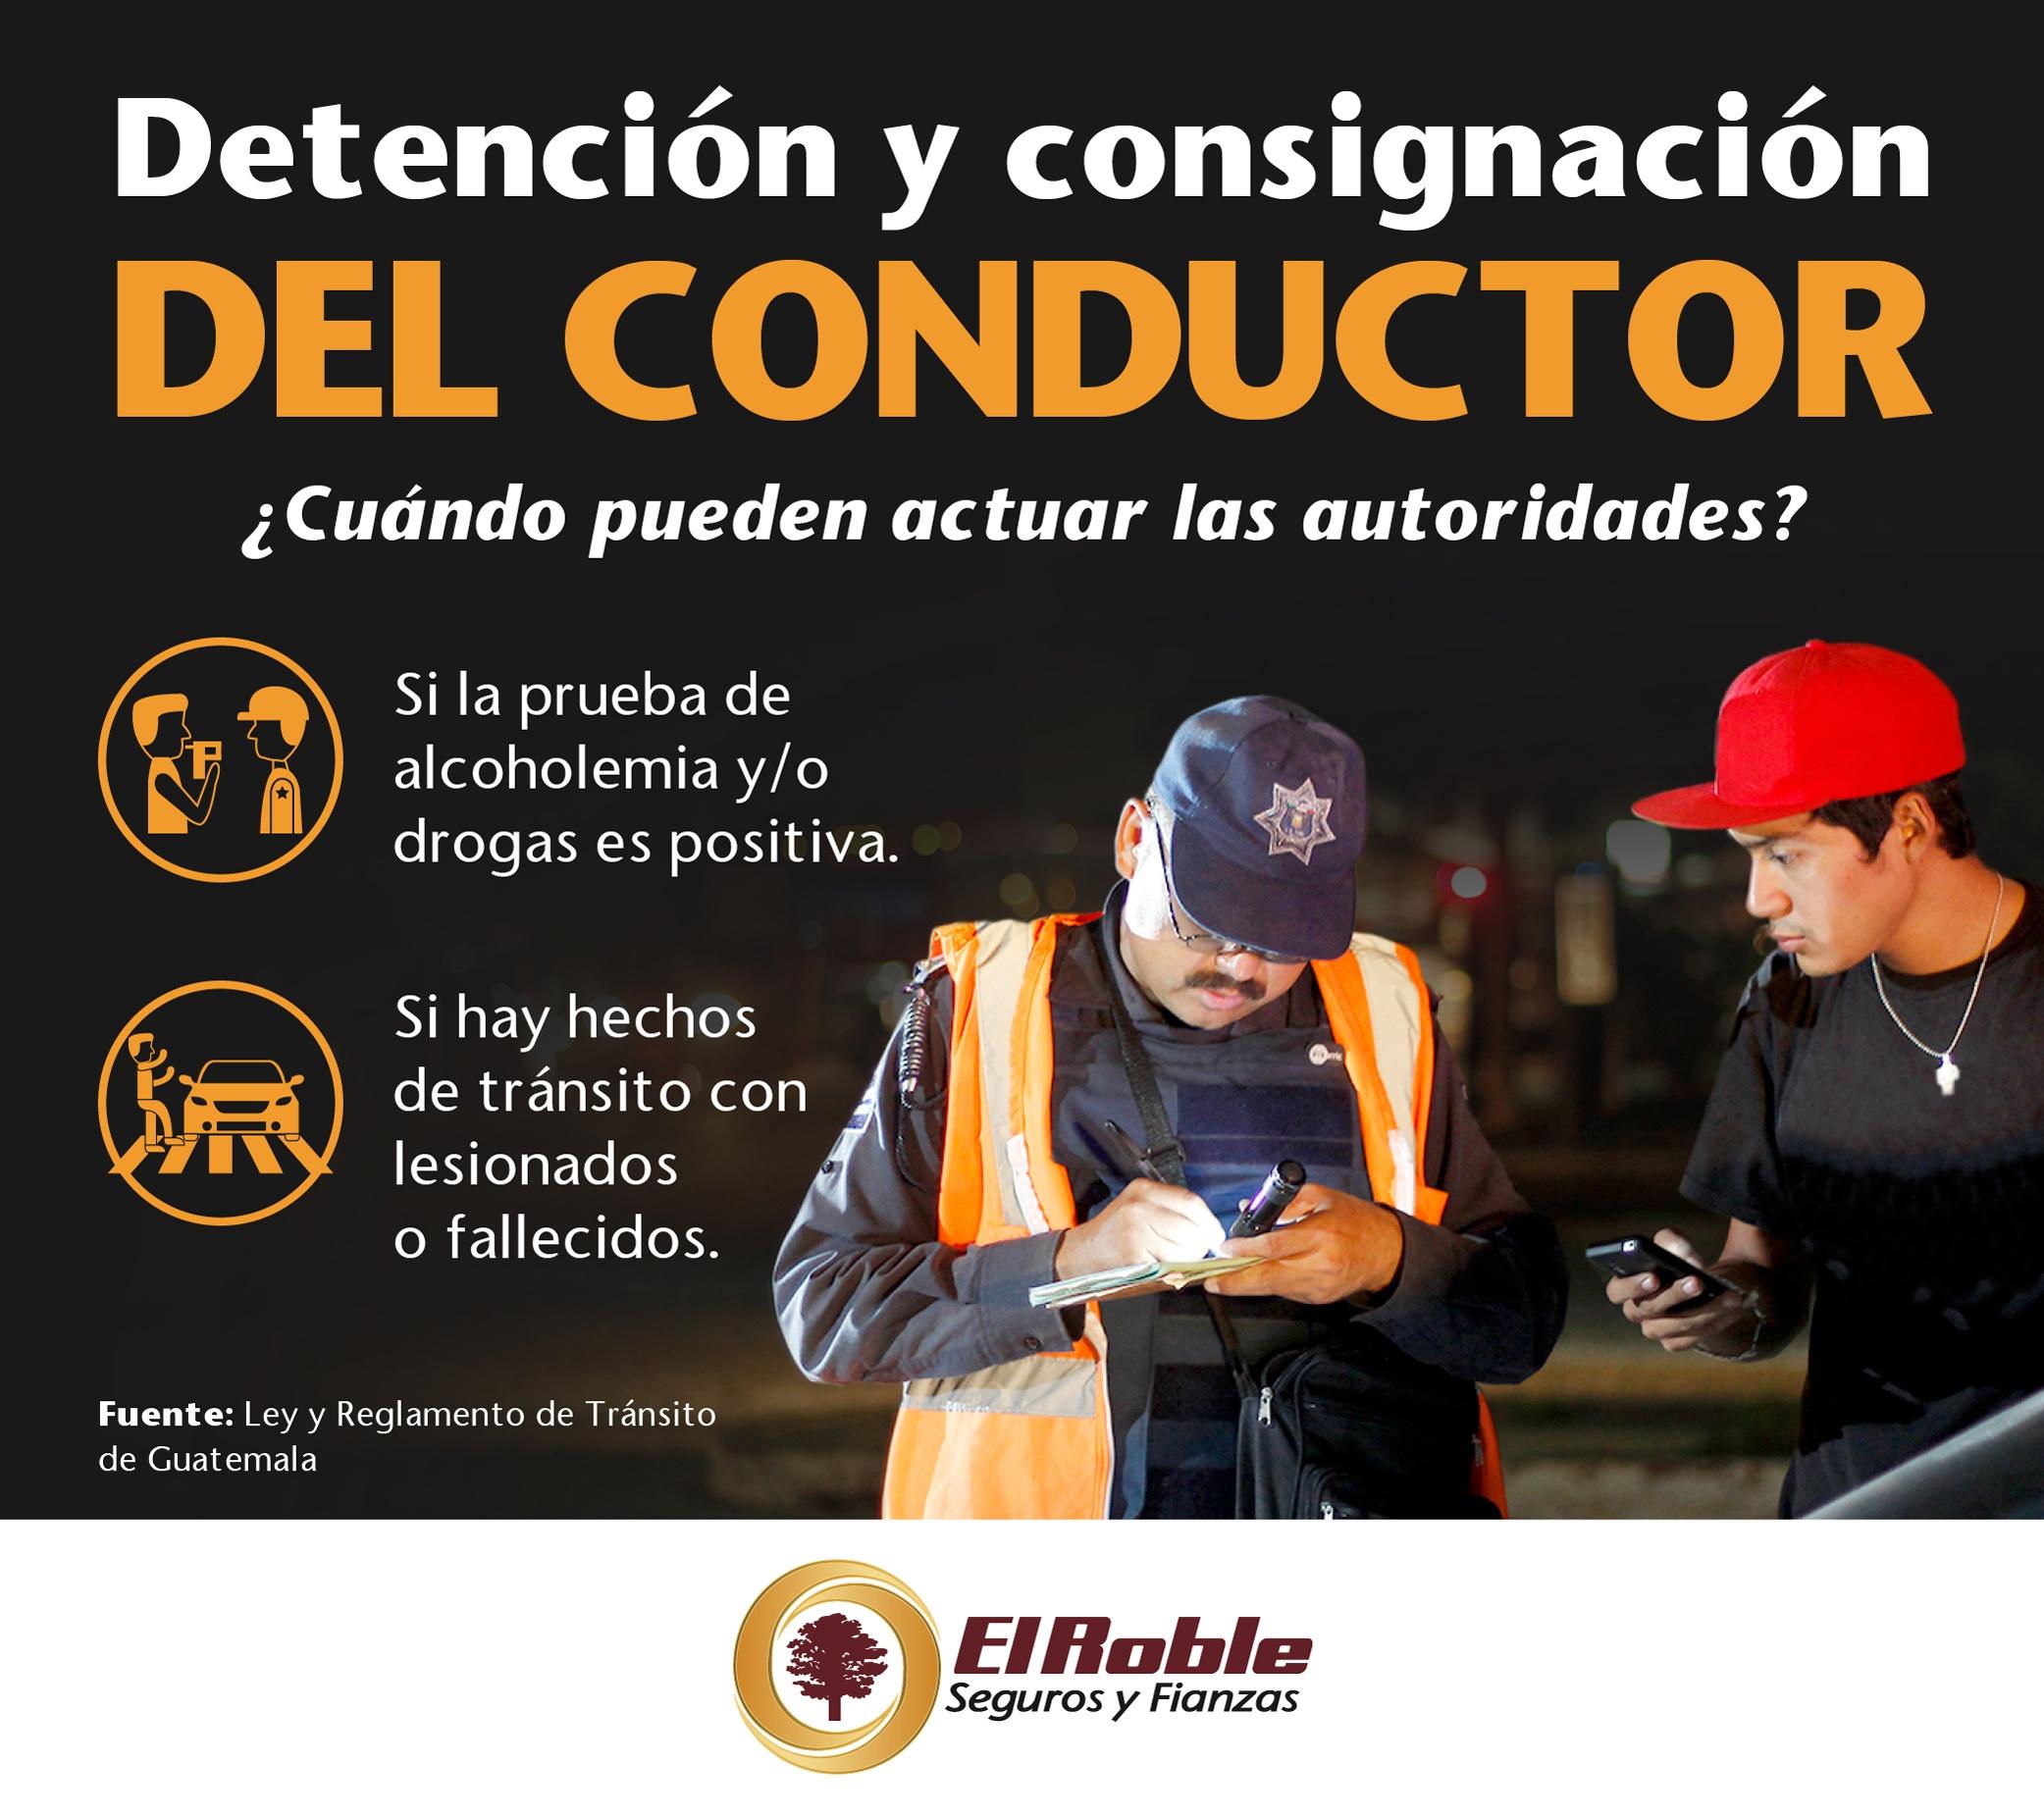 Infografia_6_detencion_y_consignacion_de_conductor (1)